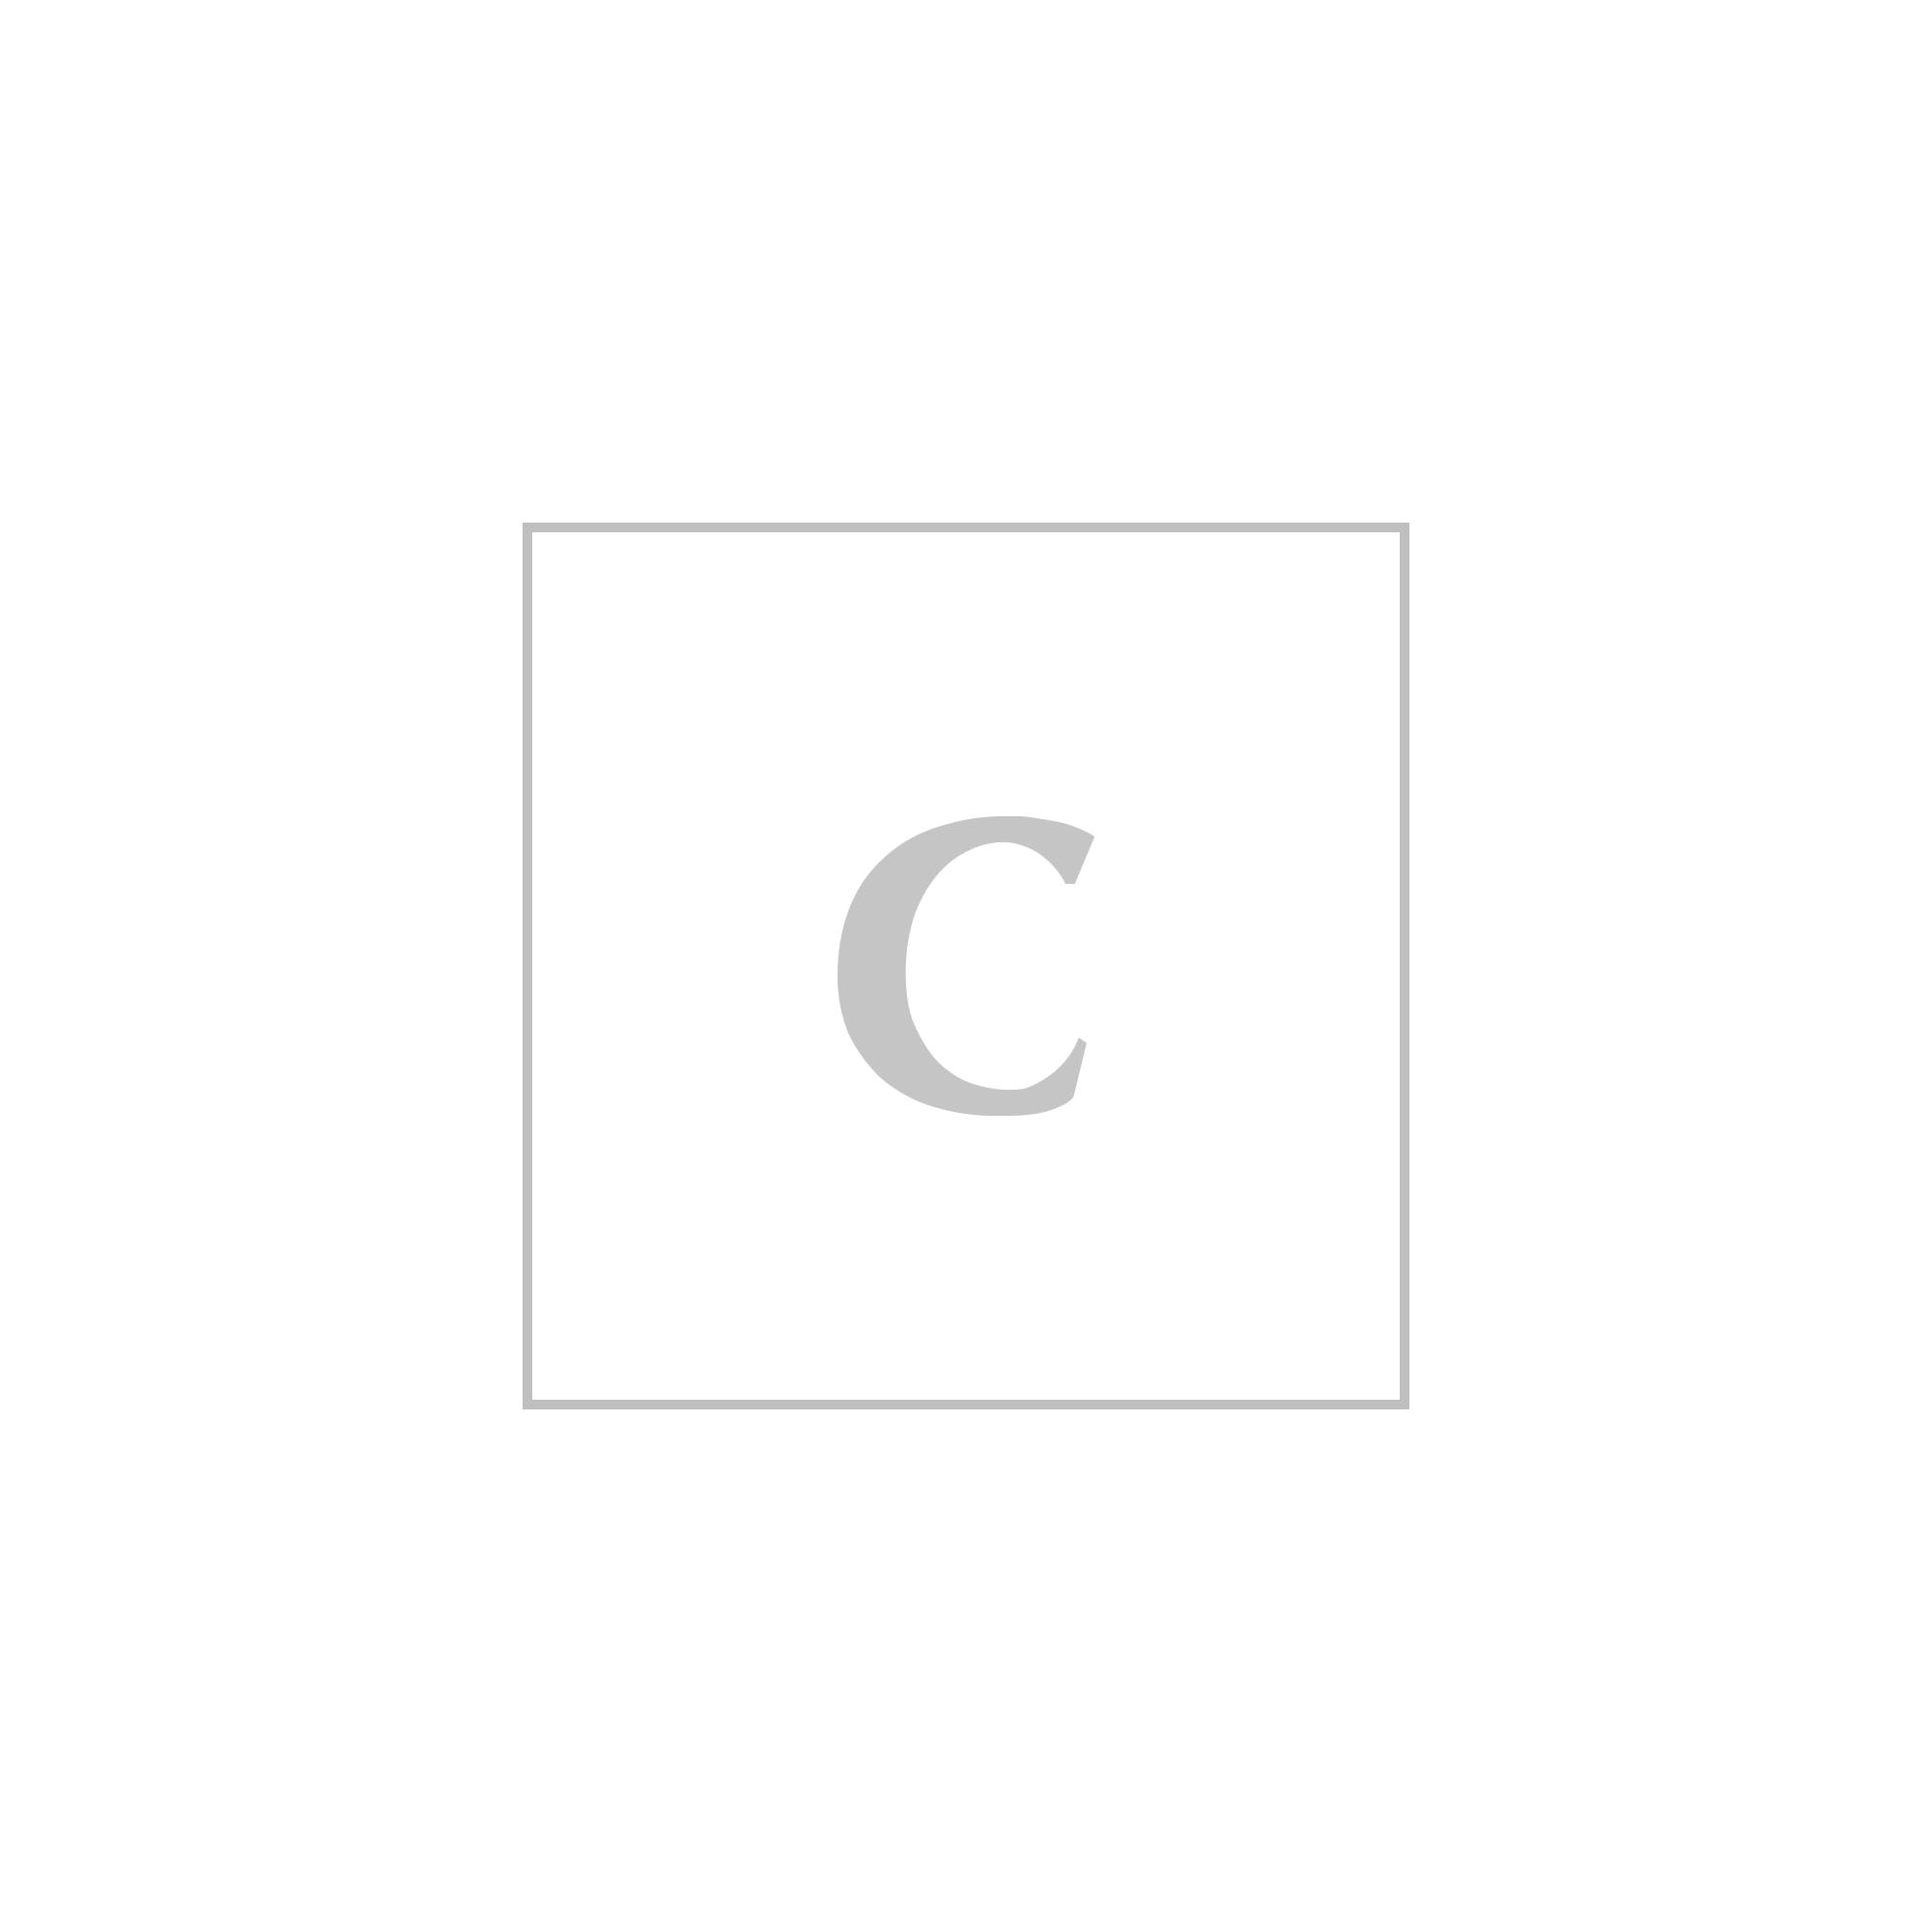 Chiara ferragni cover iphone 6